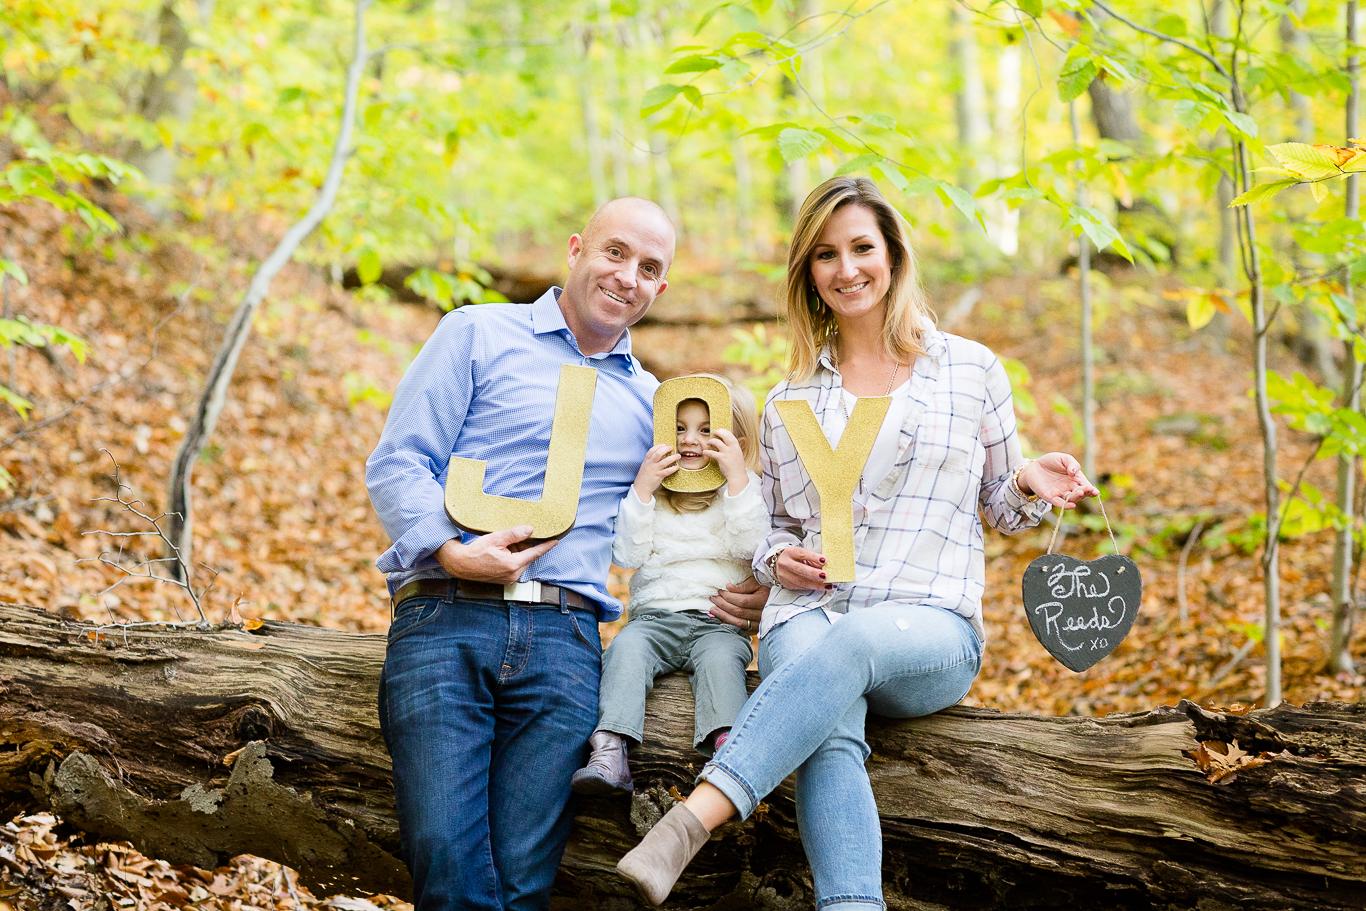 clytie-sadler-photography-fall-family-portraits-005.JPG